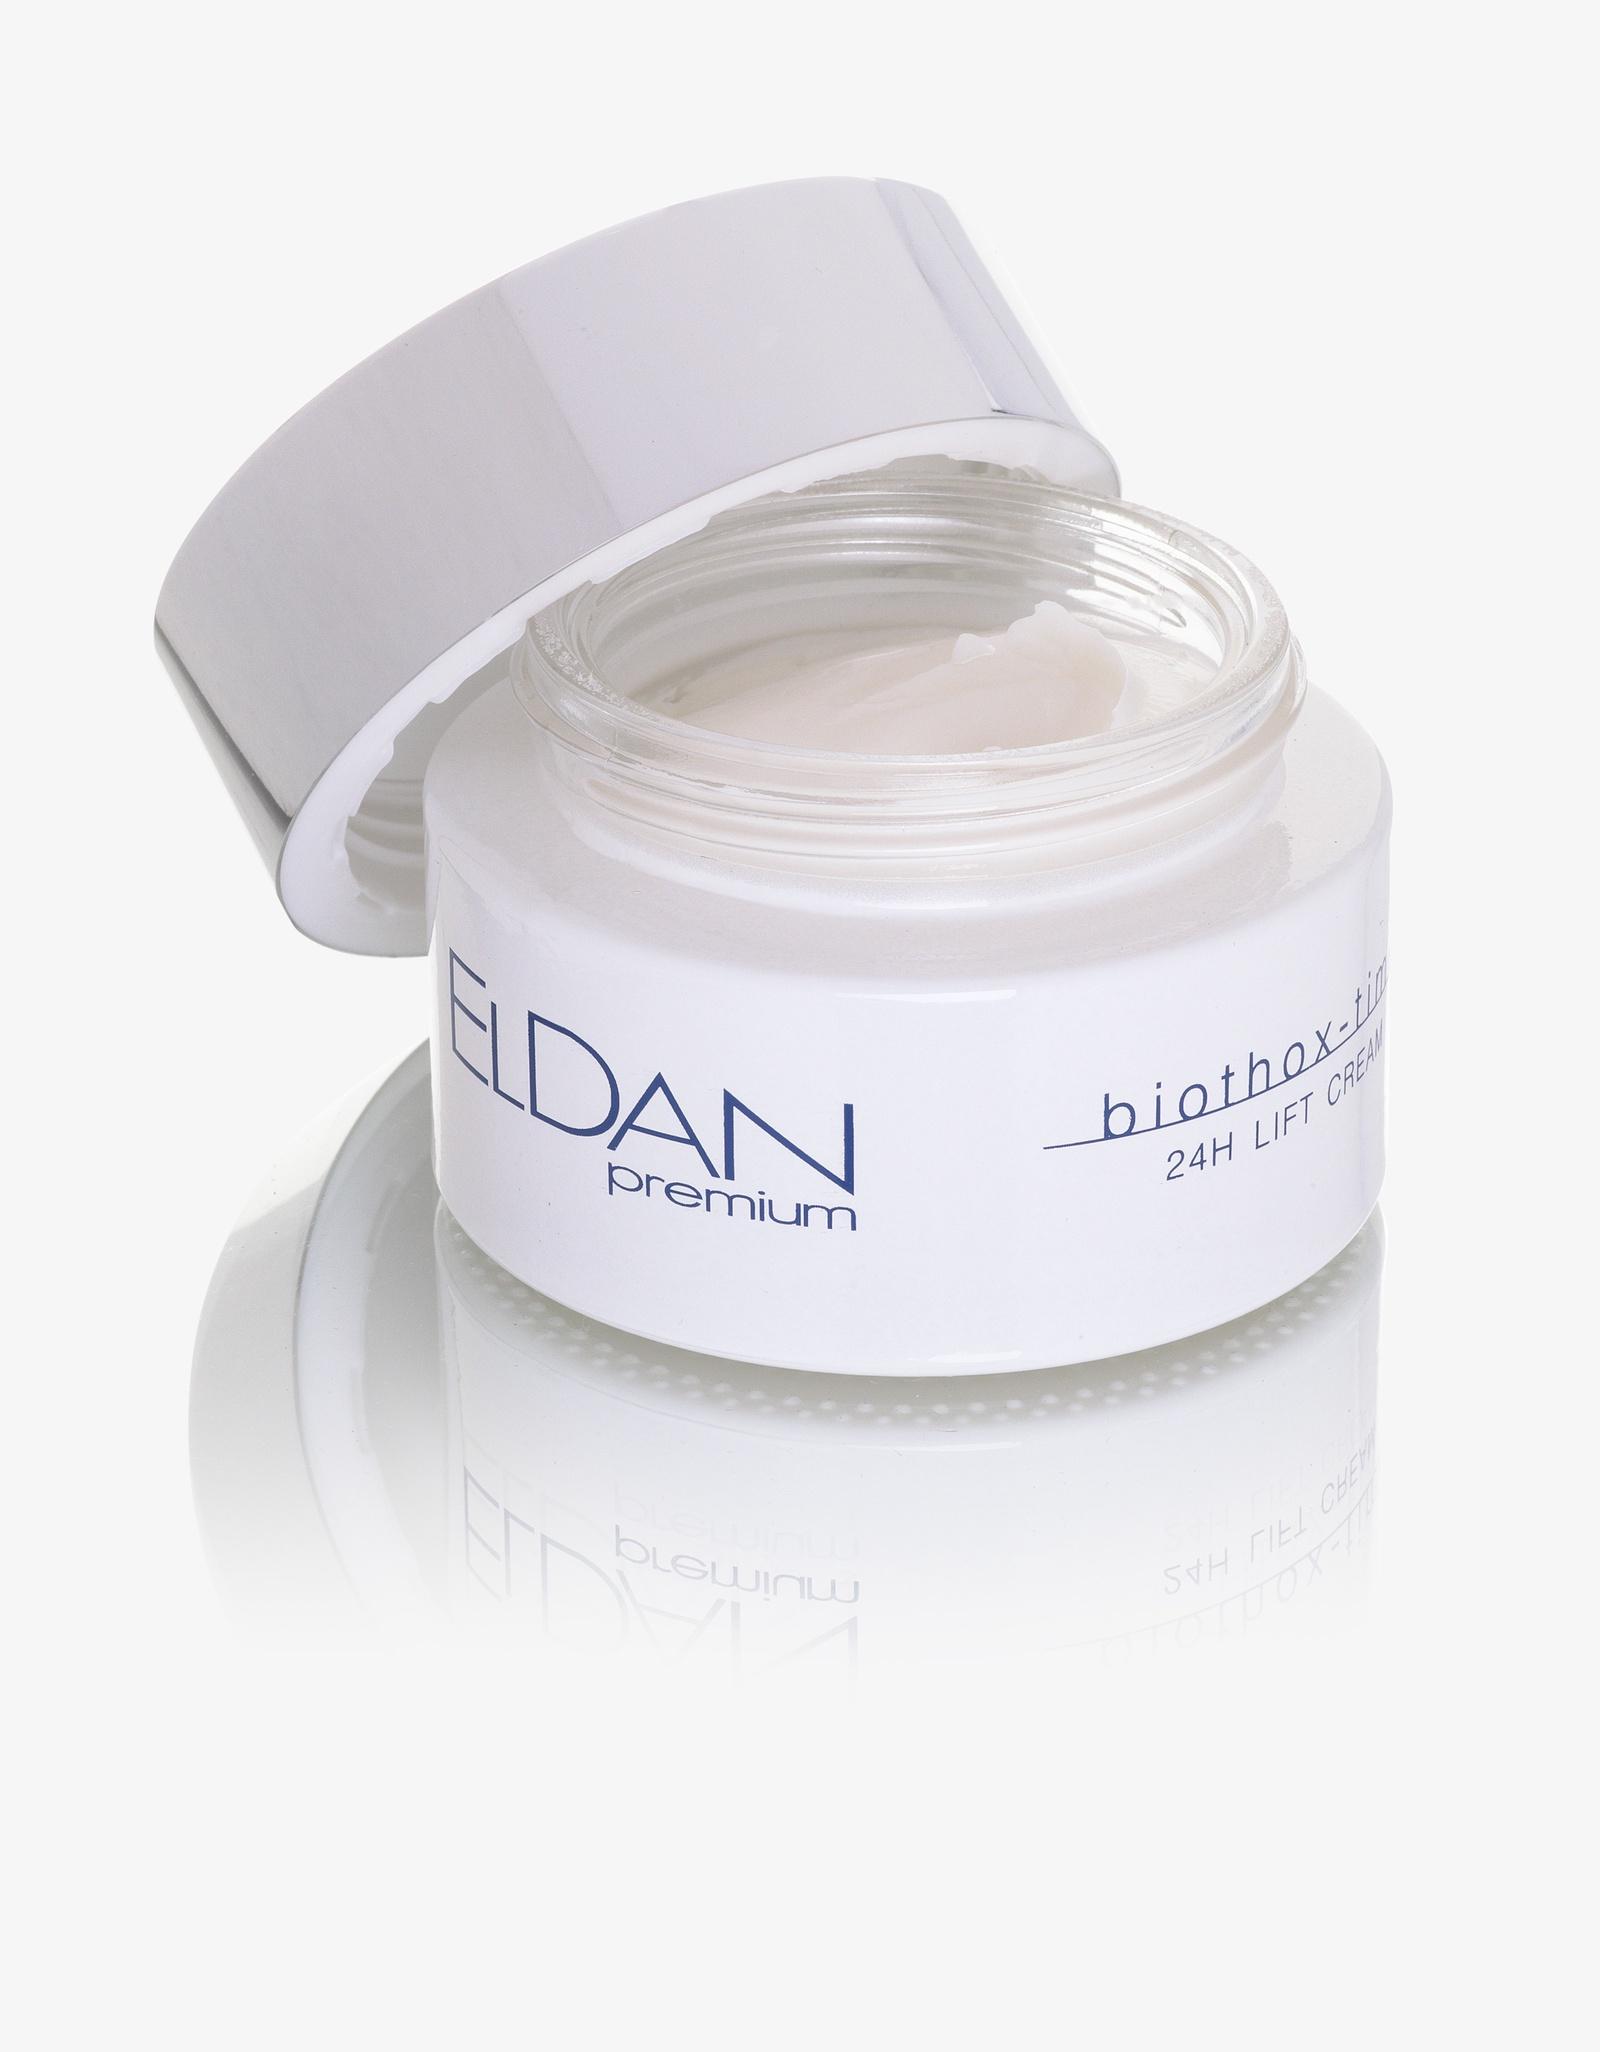 Лифтинг-крем 24 часа  Premium biothox time eldan cosmetics официальный отзывы